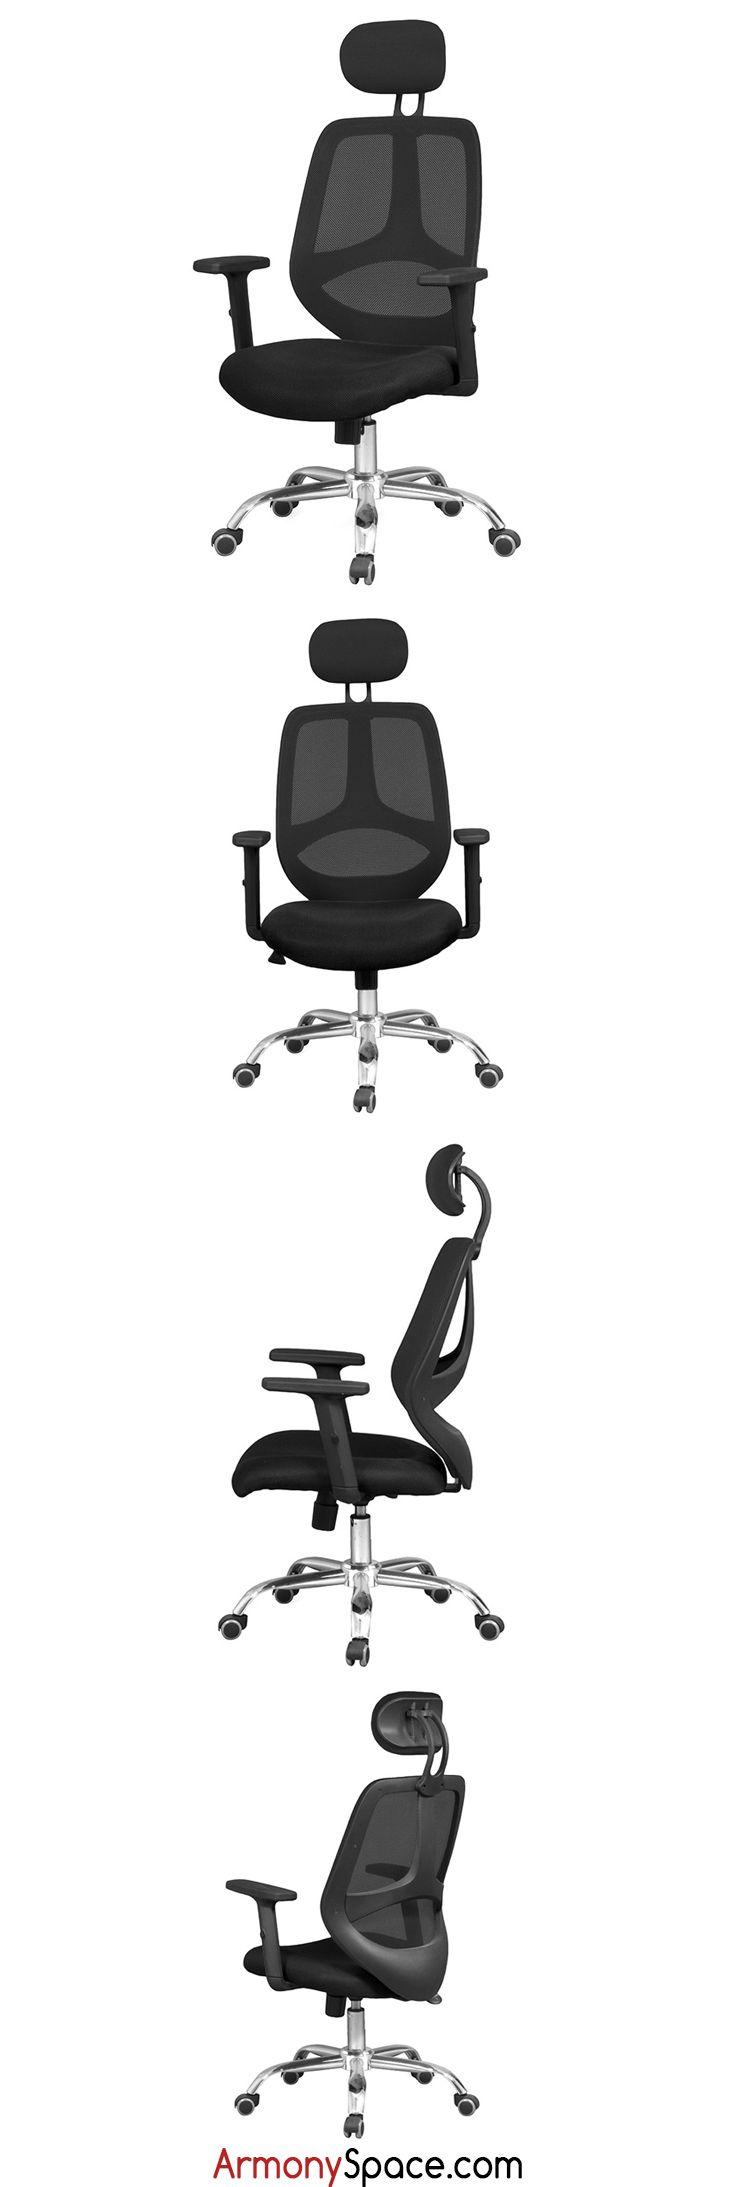 M s de 25 ideas incre bles sobre sillas de respaldo alto for Silla escritorio comoda